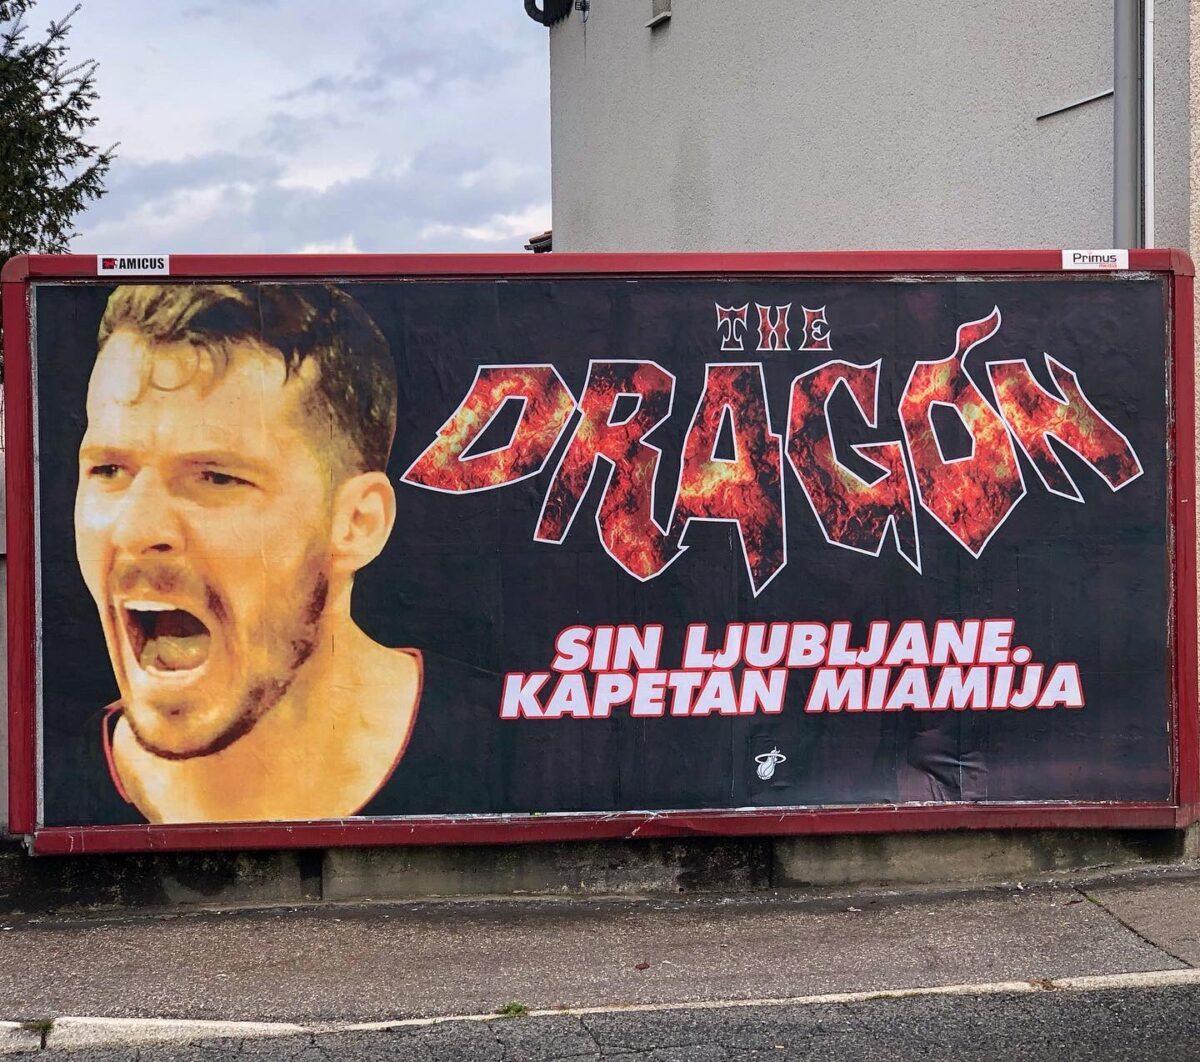 Goran Dragic billboards Miami Heat